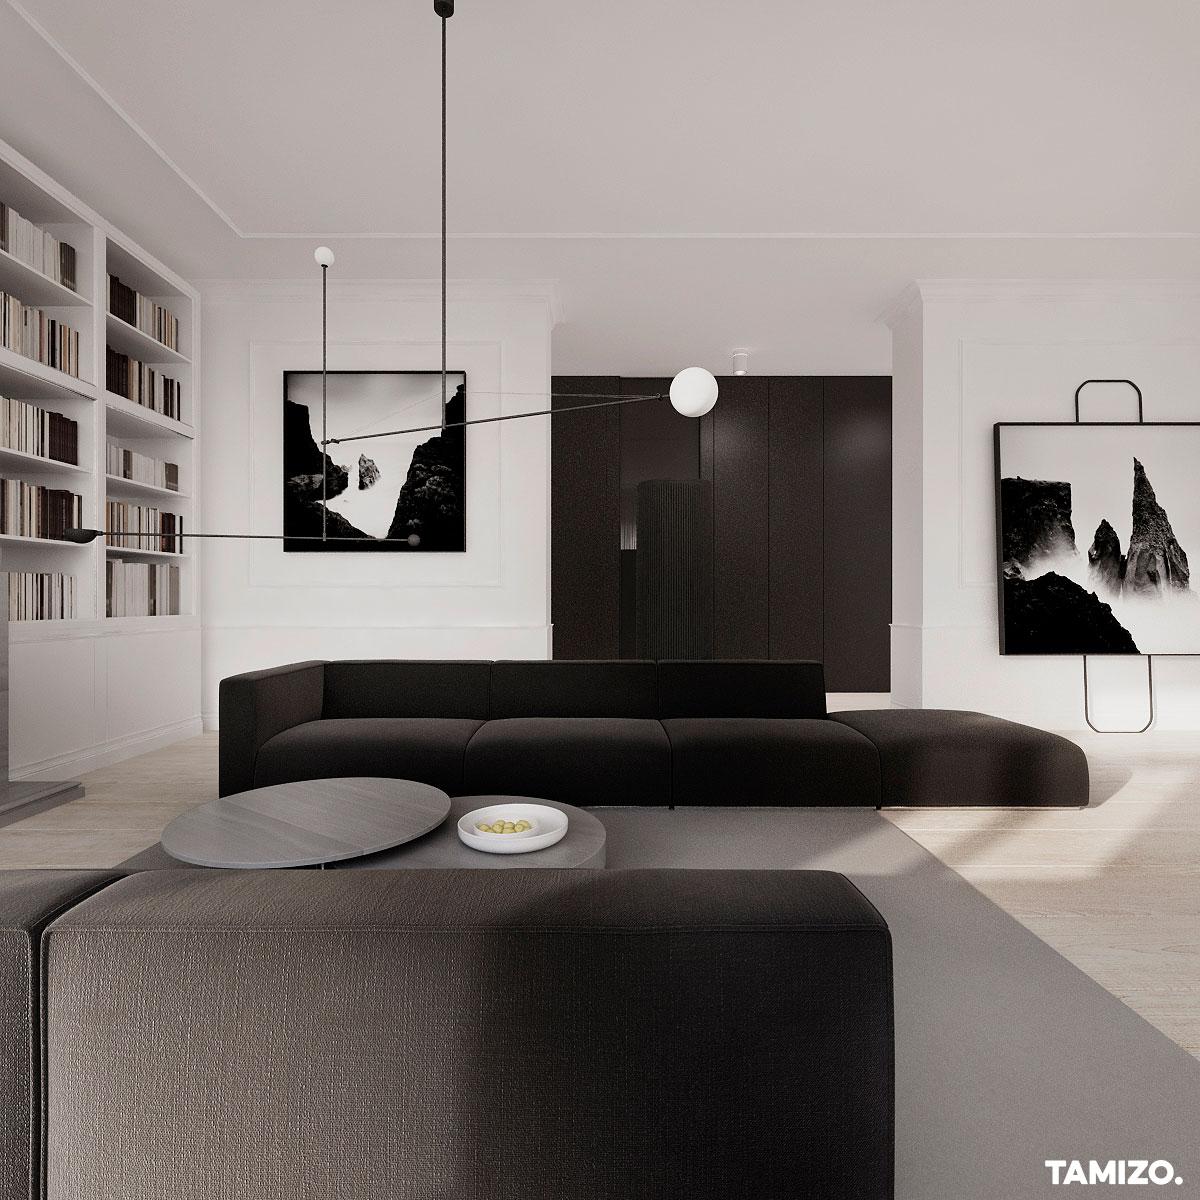 I057_tamizo_architekci_projekt-wnetrz-stara-kamienica-wnetrze-klasyczne-minimalizm-warszawa-04